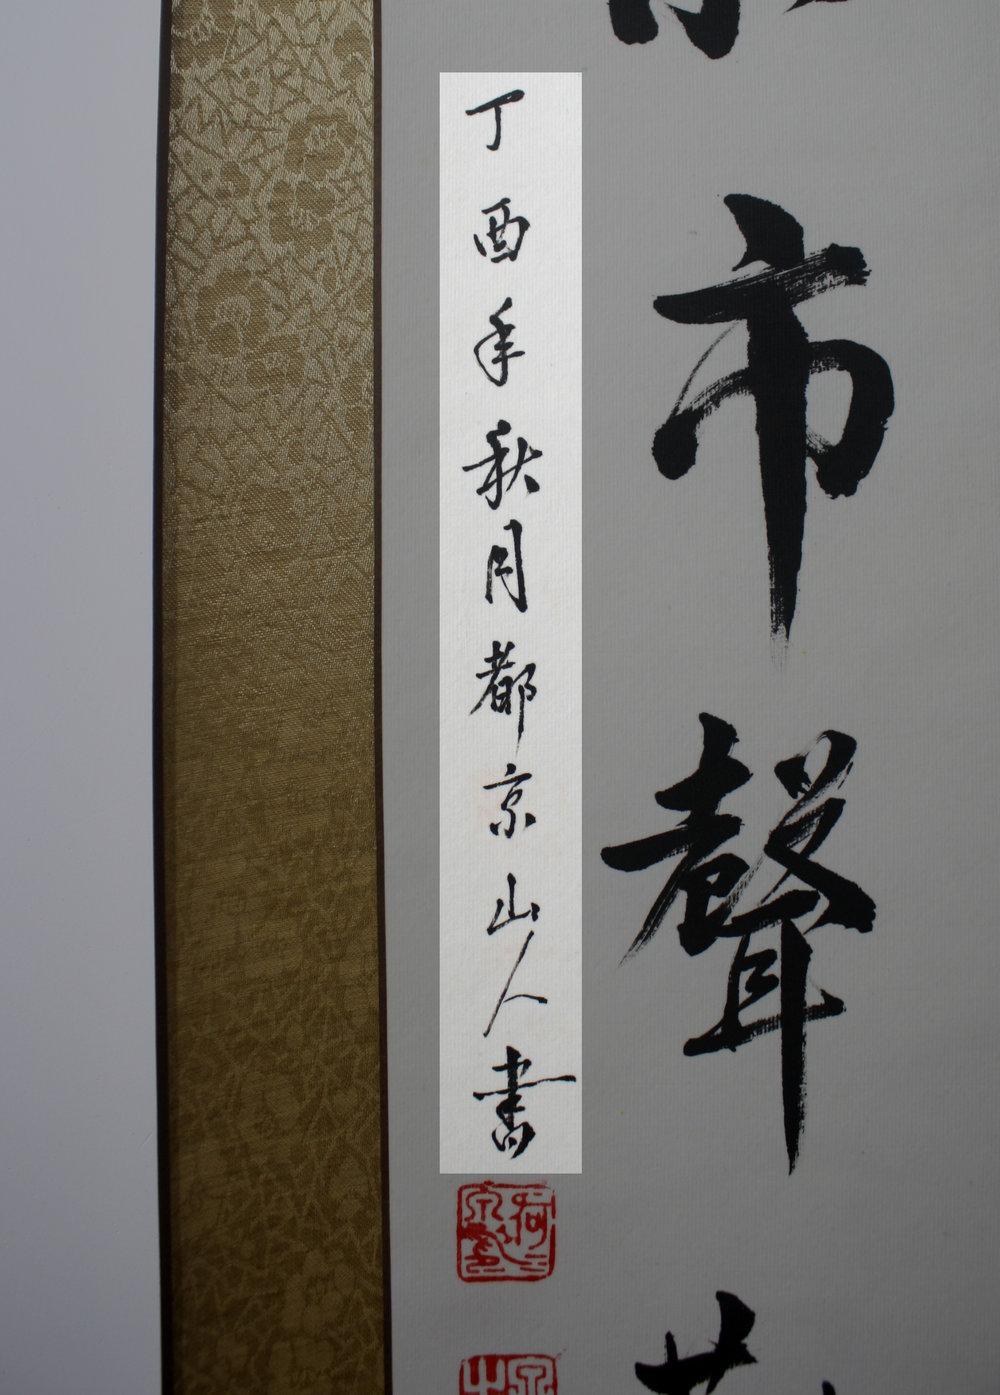 masterhe signature.jpg